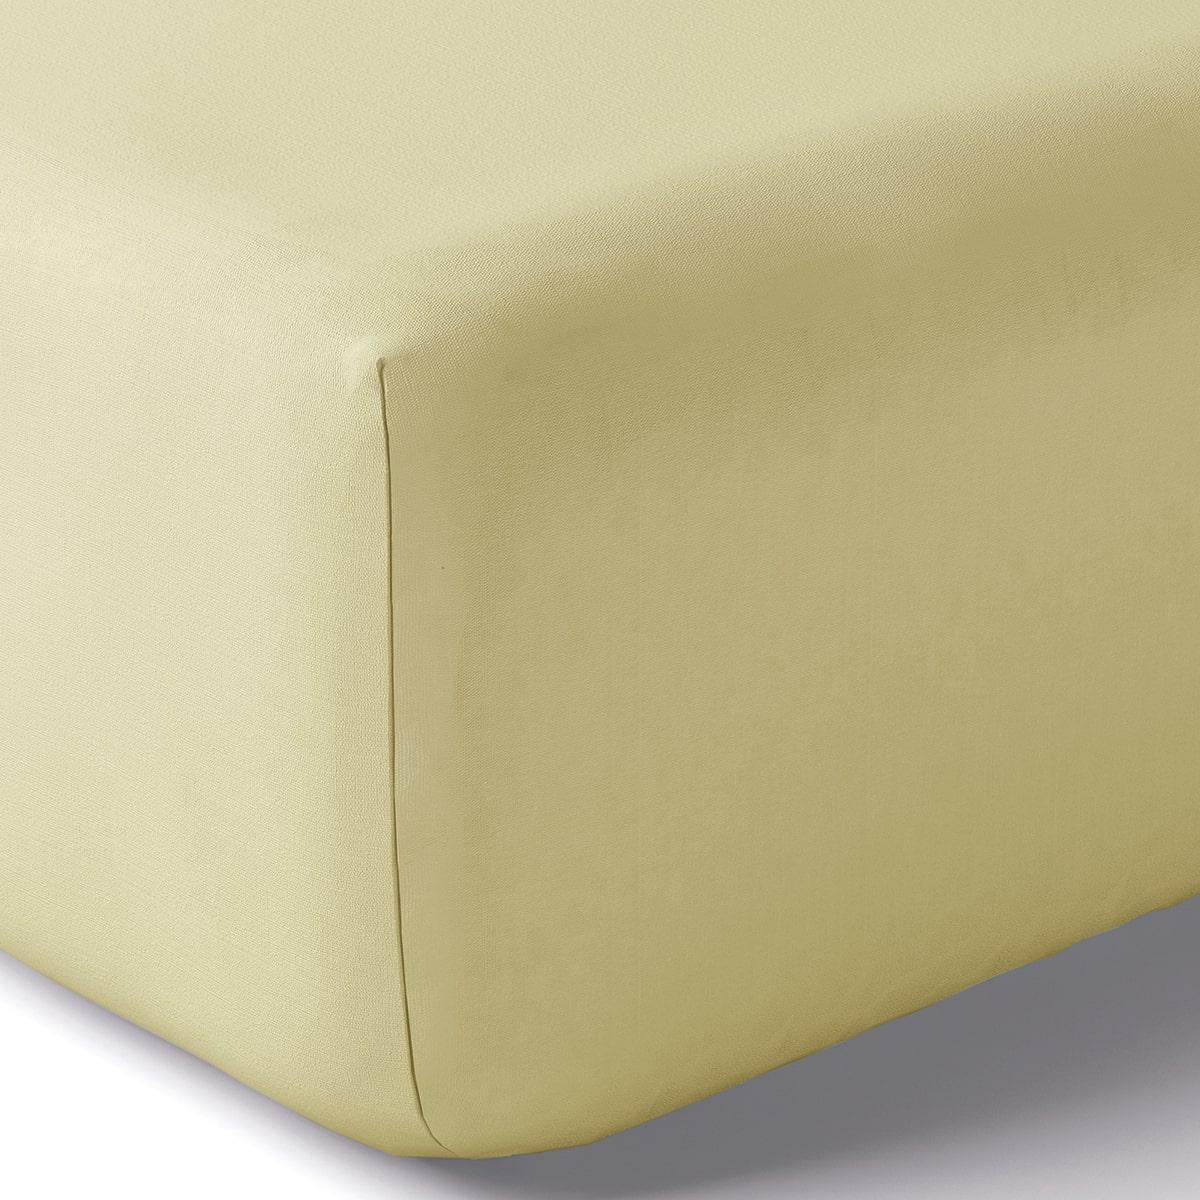 Drap housse coton 180x200 cm regain